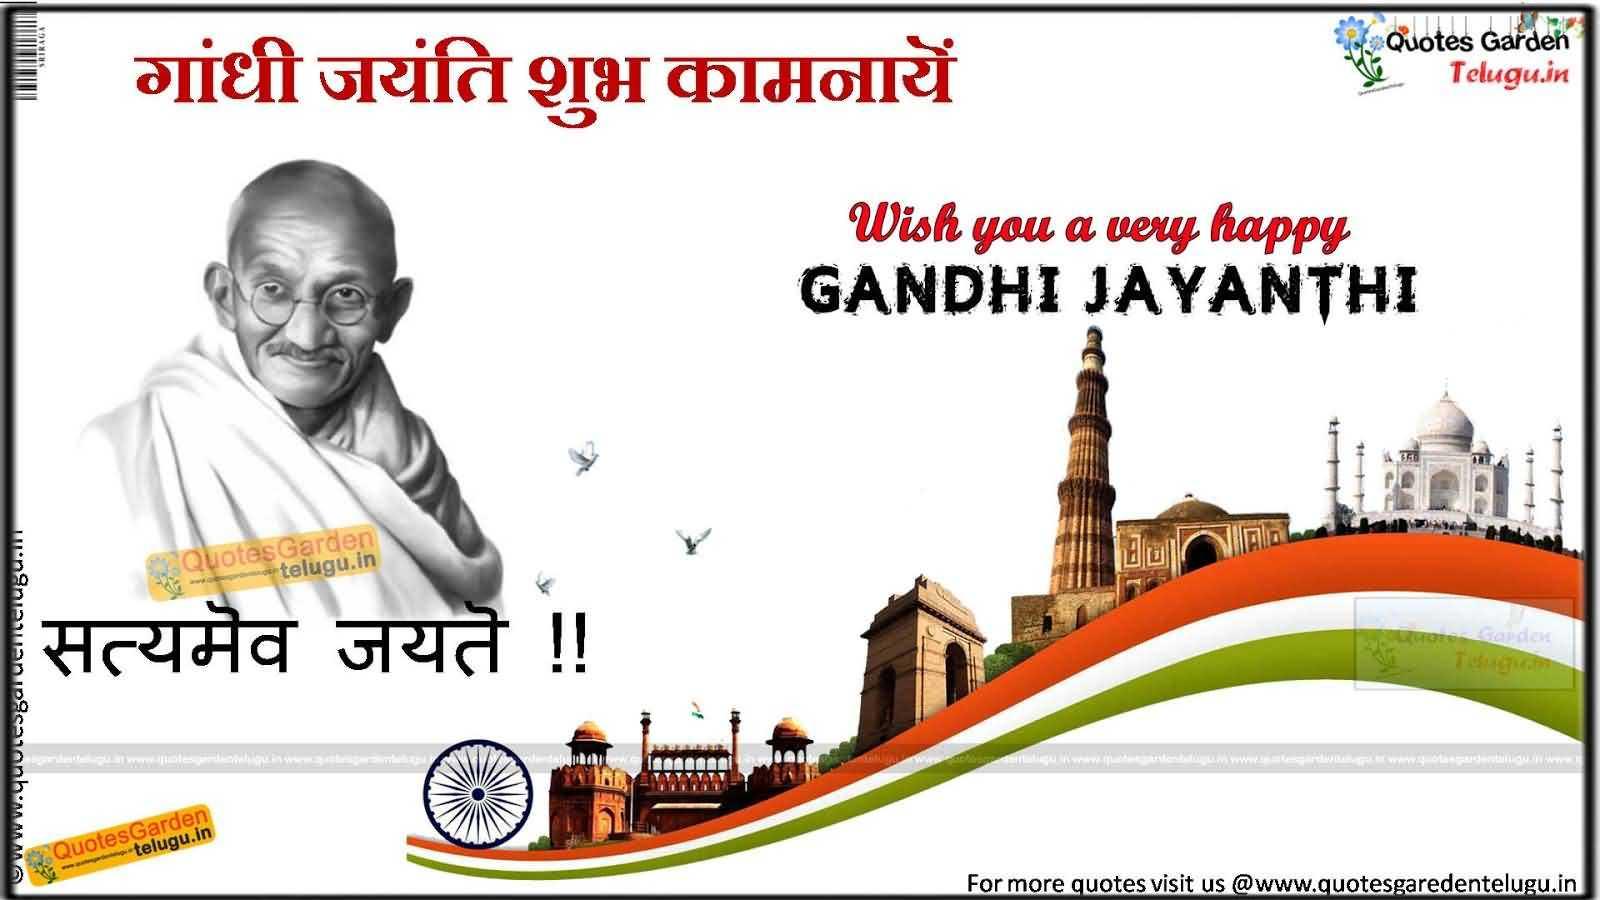 Gandhi Jayanti Greetings To Your Partner